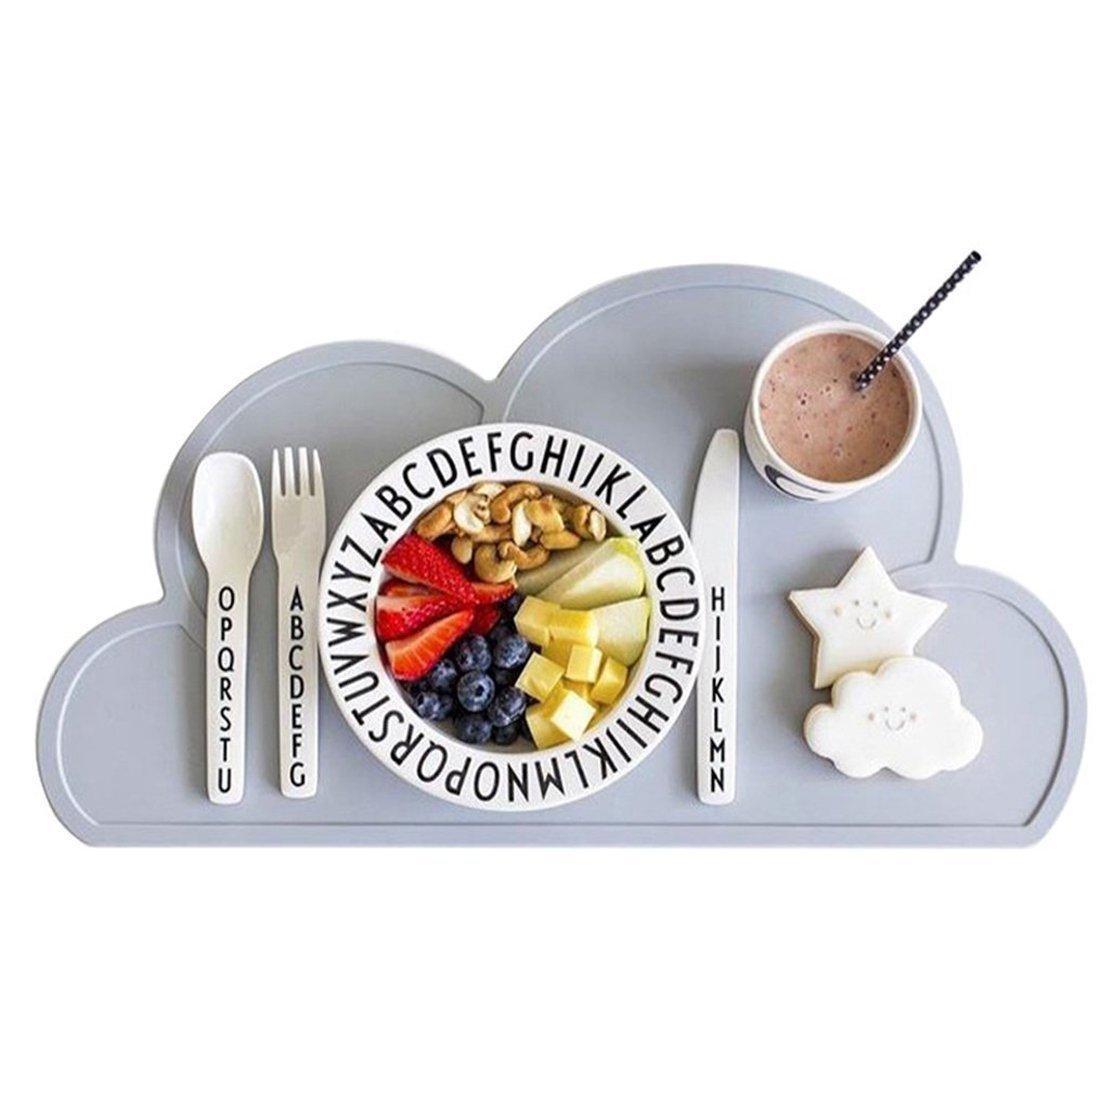 الاطفال تحديد الموقع سيليكون الغيمة الشكل تحديد الموقع غير تحديد الموقع زلة لاطفال رضع، المحمولة الغذاء حصيرة PAD BPA الحرة القابلة لإعادة الاستخدام المفارش